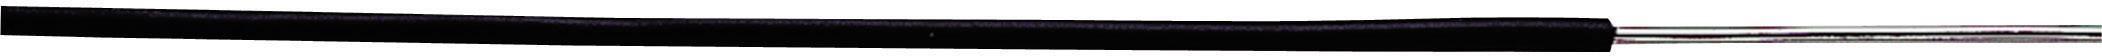 Vysokoteplotný drôt LappKabel 0070003 ÖLFLEX® HEAT 180 SiD, 1 x 1 mm², vonkajší Ø 2.30 mm, metrový tovar, hnedá